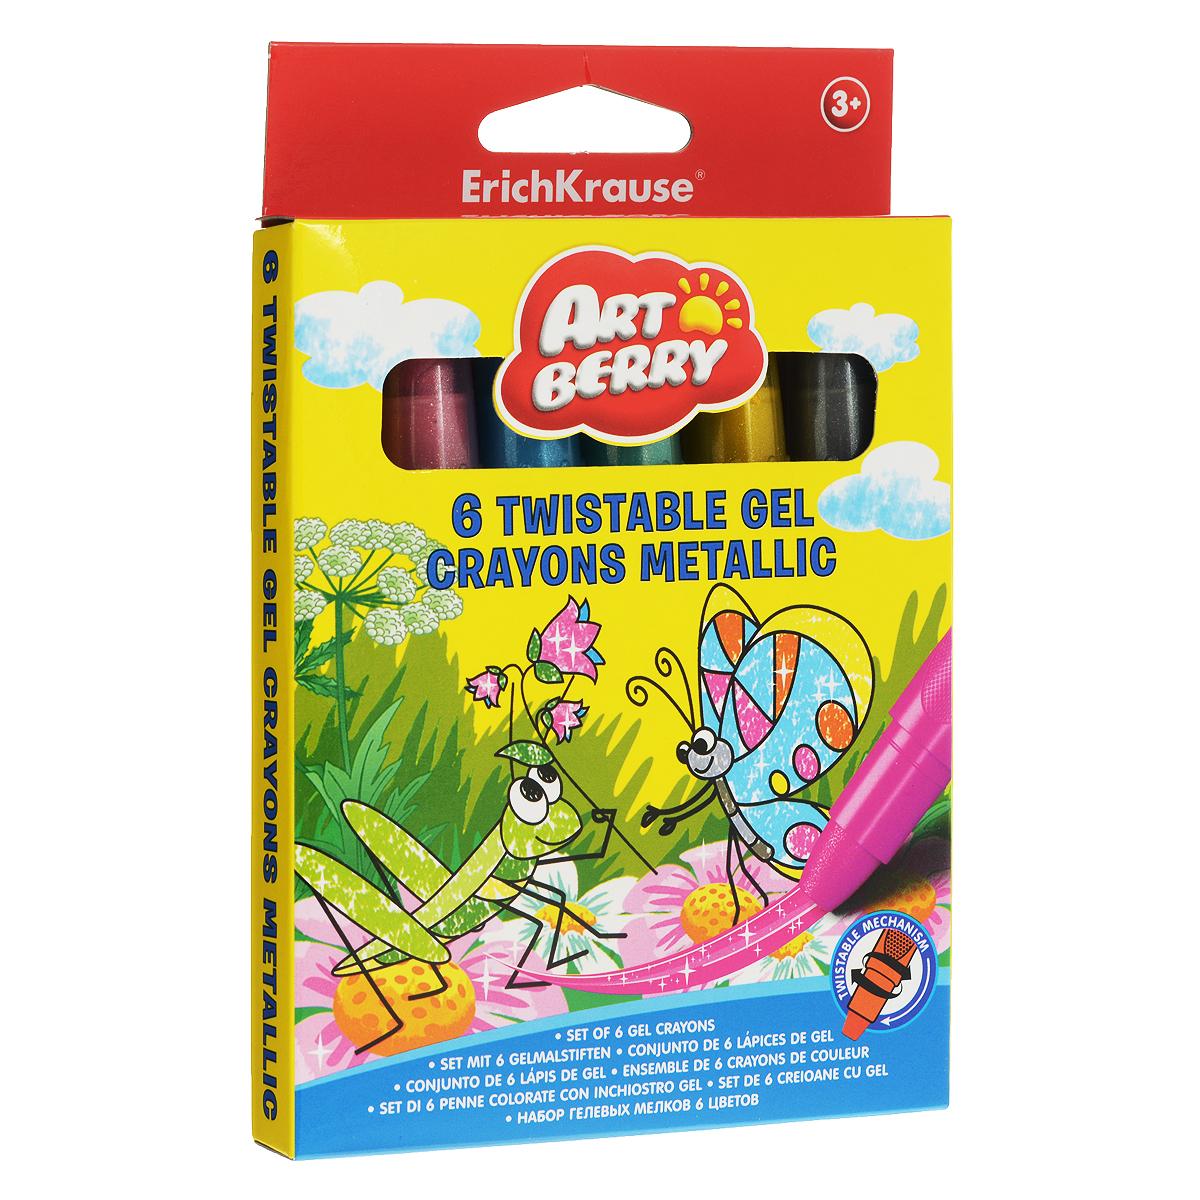 Гелевые мелки Erich Krause Art Berry, 6 цветов34926Гелевые мелки Erich Krause Art Berry откроют юным художникам новые горизонты для творчества. Набор включает в себя 6 цветных мелков (желтый, розовый, салатовый, голубой, золотистый, серебристый). Корпус мелков выполнен из высококачественного прочного пластика. Мелки удобны в использовании: необходимо просто повернуть корпус - и можно приступать к рисованию. Они очень мягкие, устойчивы к ломке и водорастворимы. Кроме того, эти мелки с легкостью могут быть смыты с любых поверхностей и тканей. Эти мелки помогут малышам развить мелкую моторику рук, координацию движений, цветовое восприятие, воображение и творческое мышление.